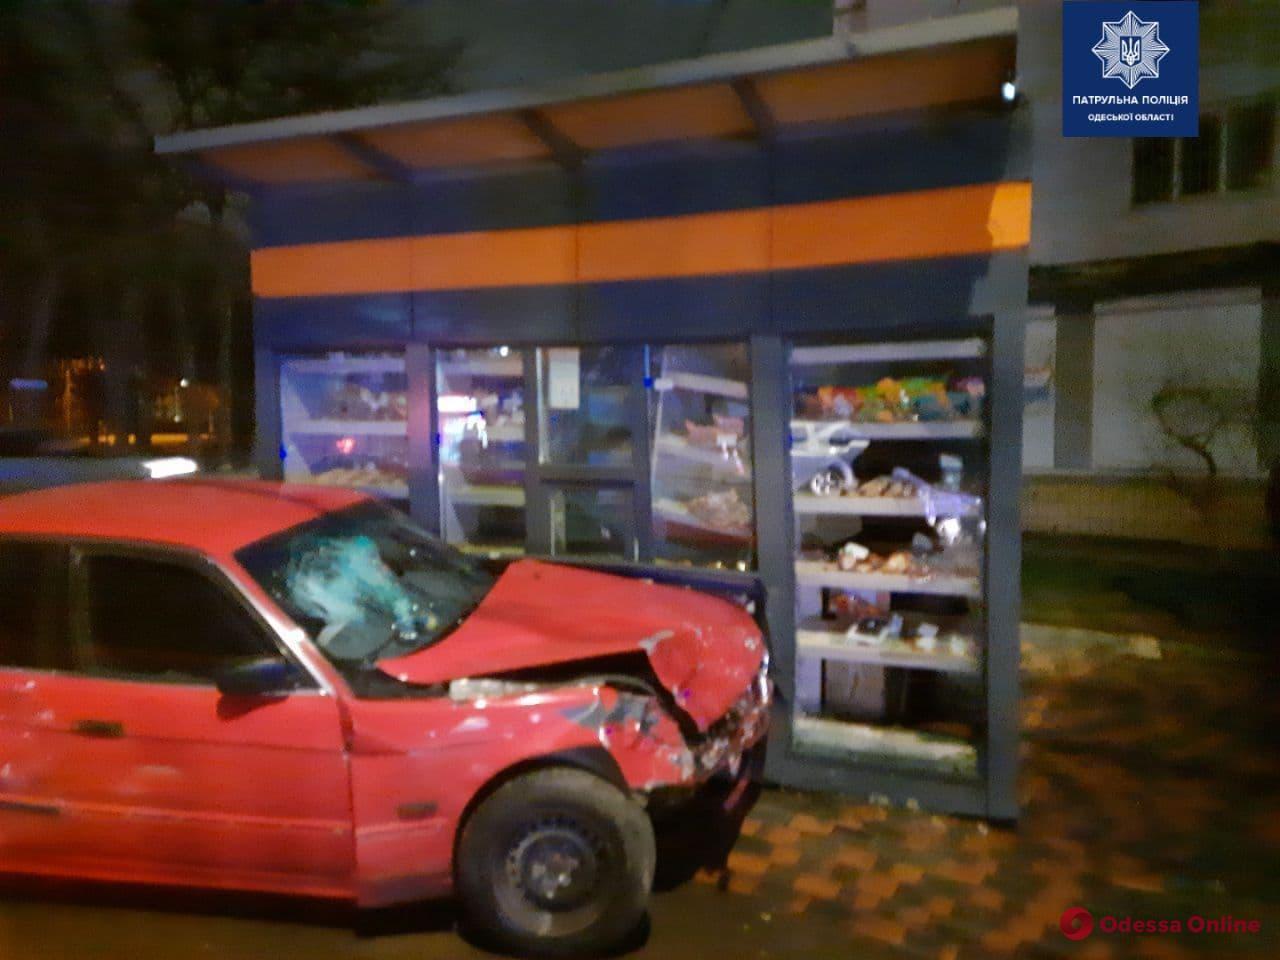 В Одессе столкнулись BMW и Chevrolet  – одну из машин отбросило на торговый павильон